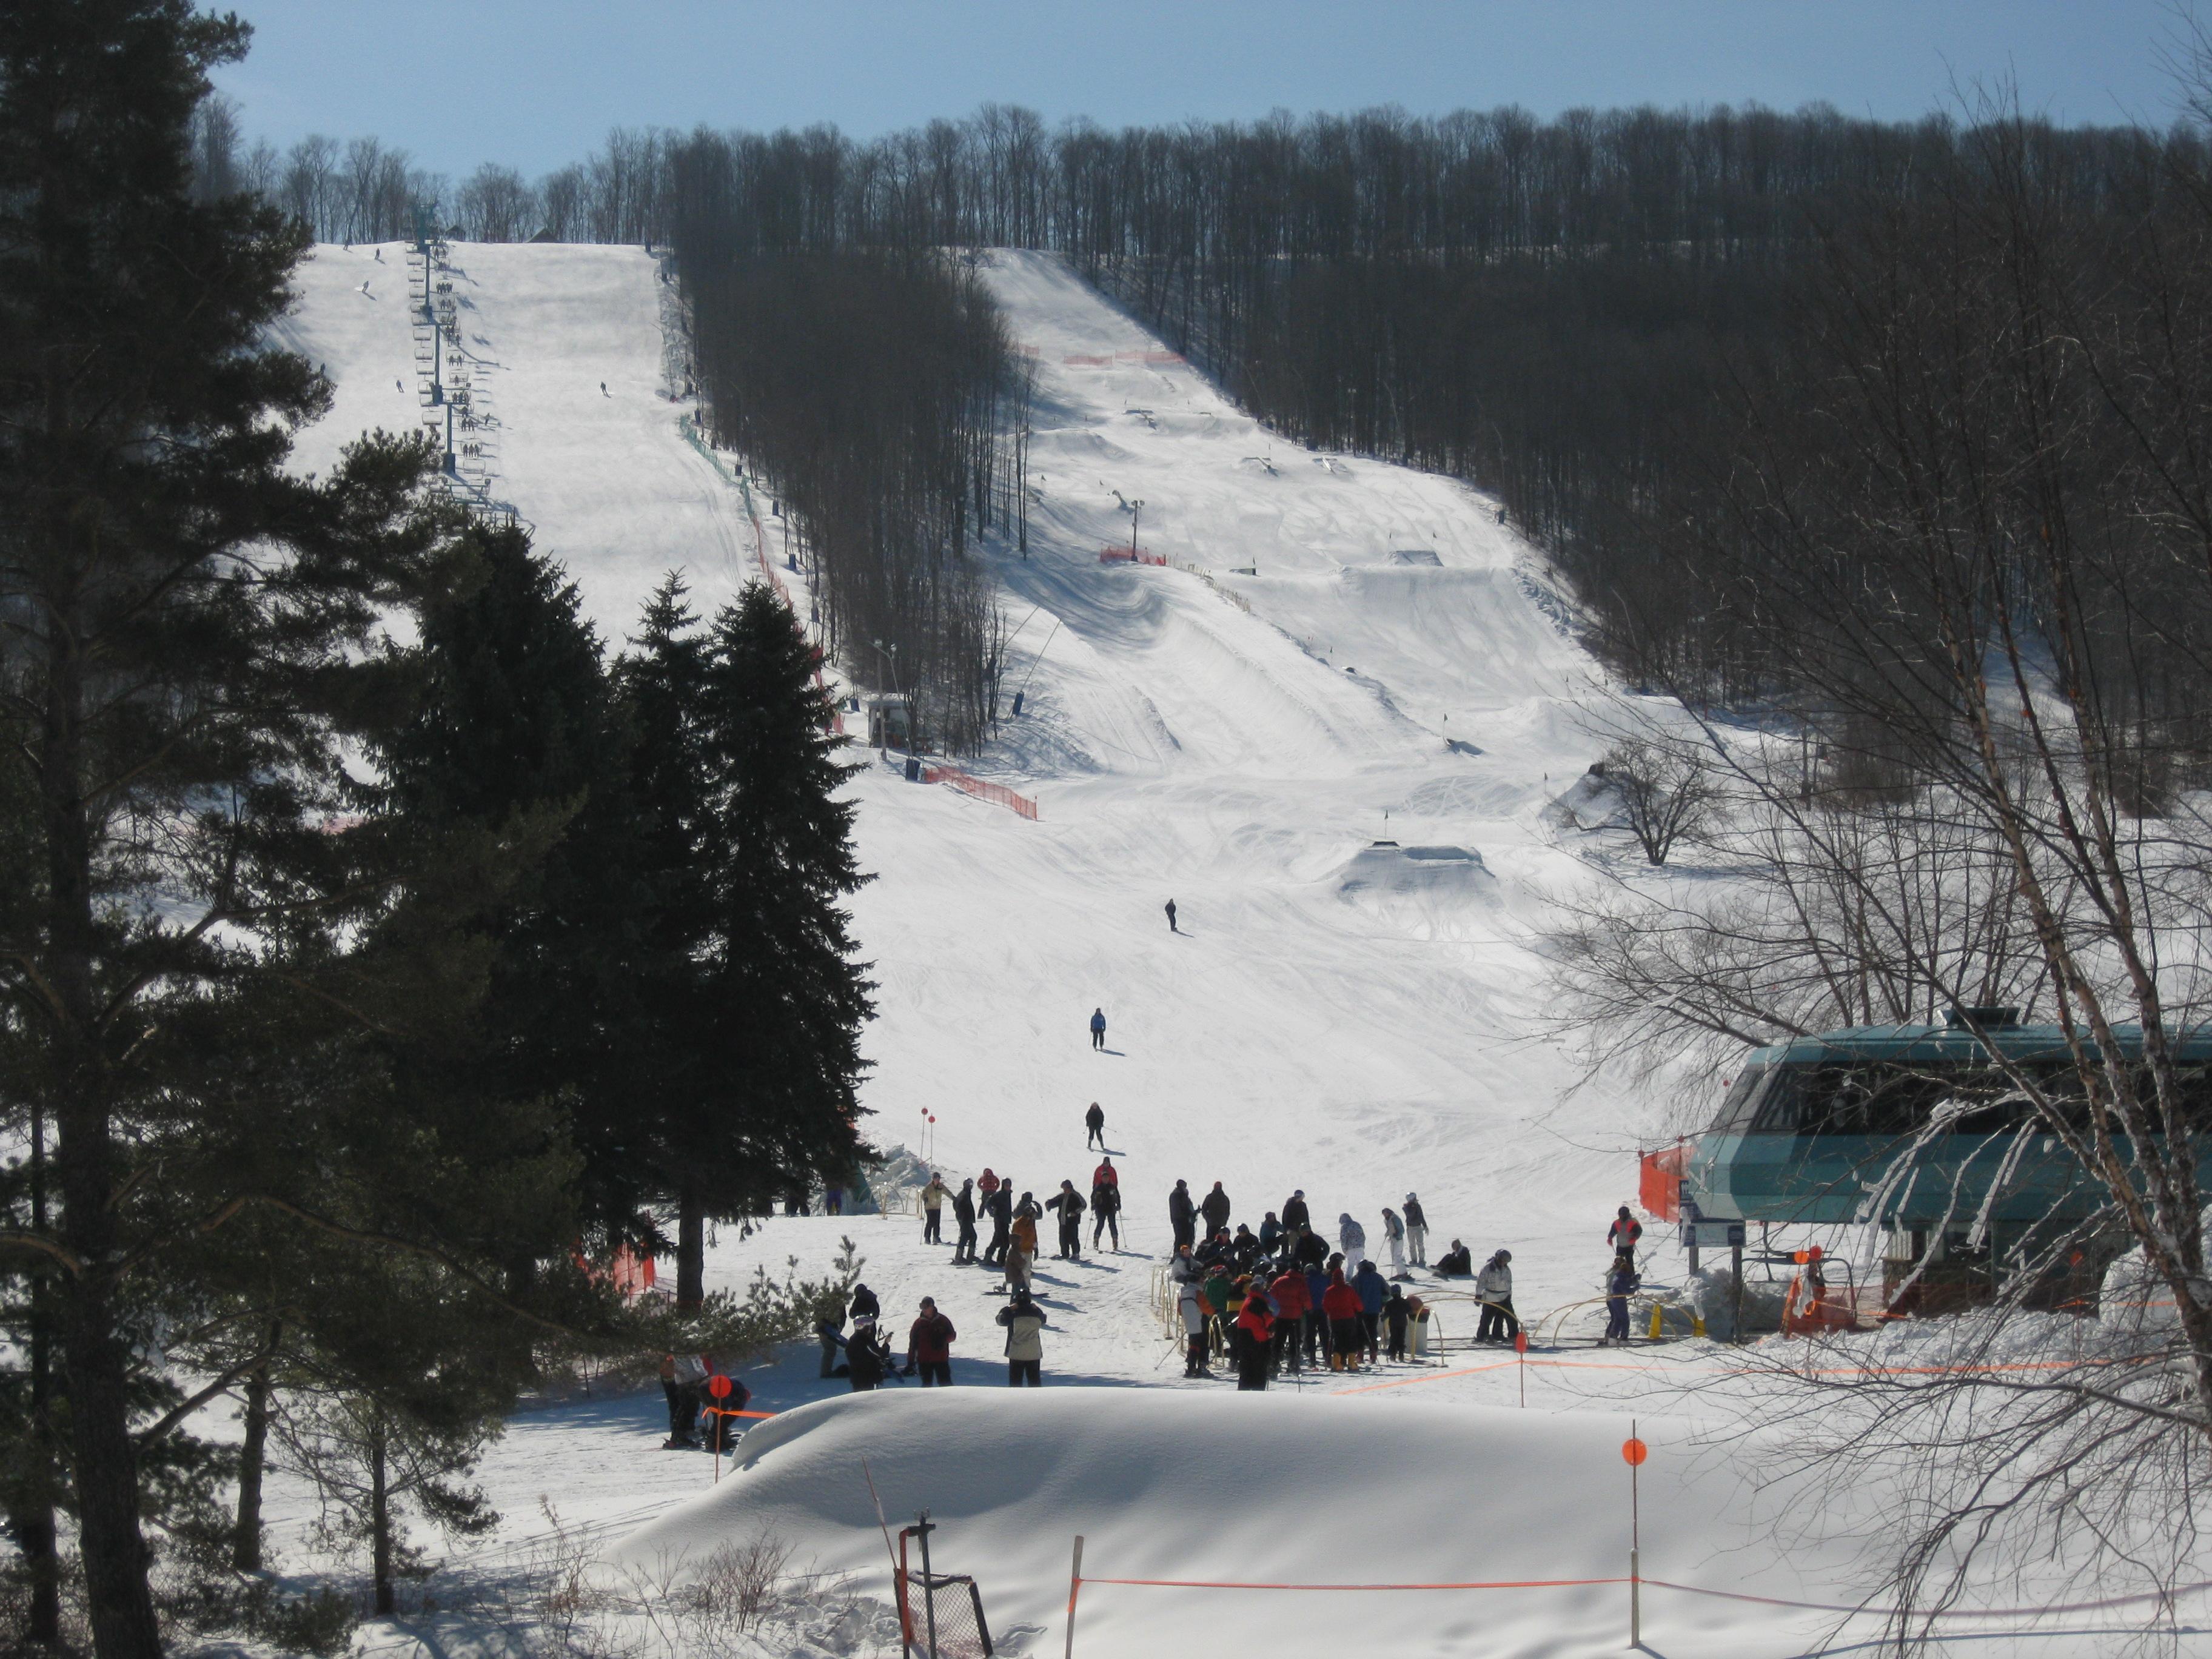 new york's most visited ski resort village – ellicottville, ny